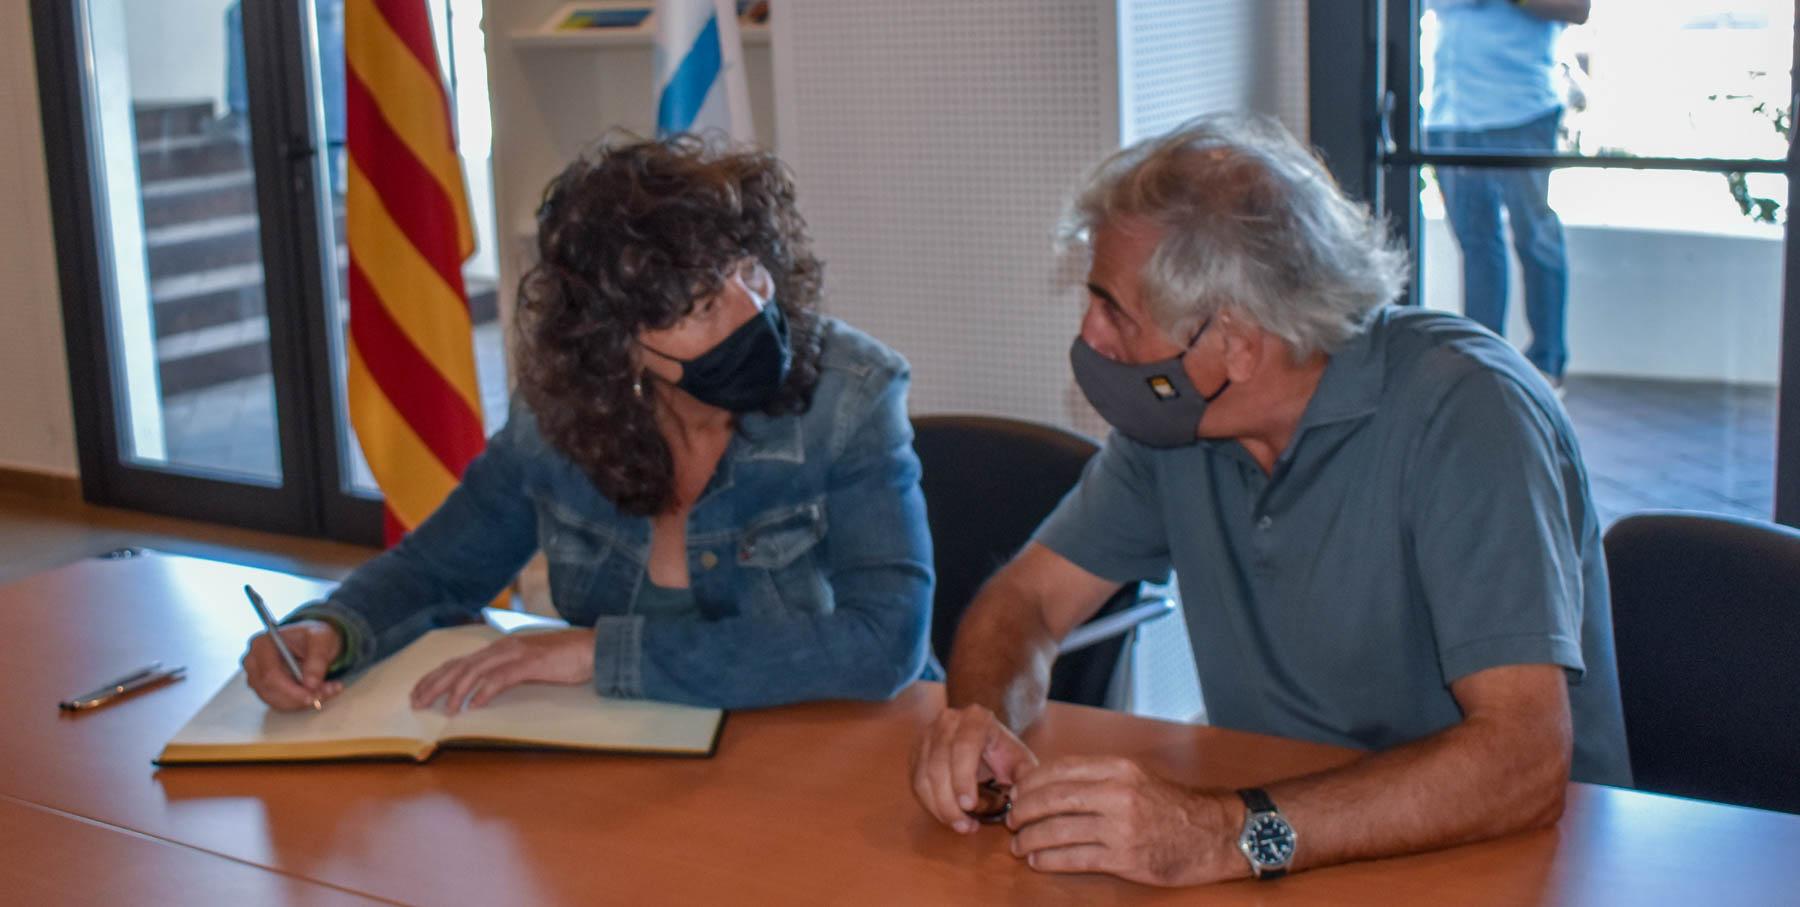 La Consellera Teresa Jordà firma el llibre de visites del Club amb el president Narcís Carreras